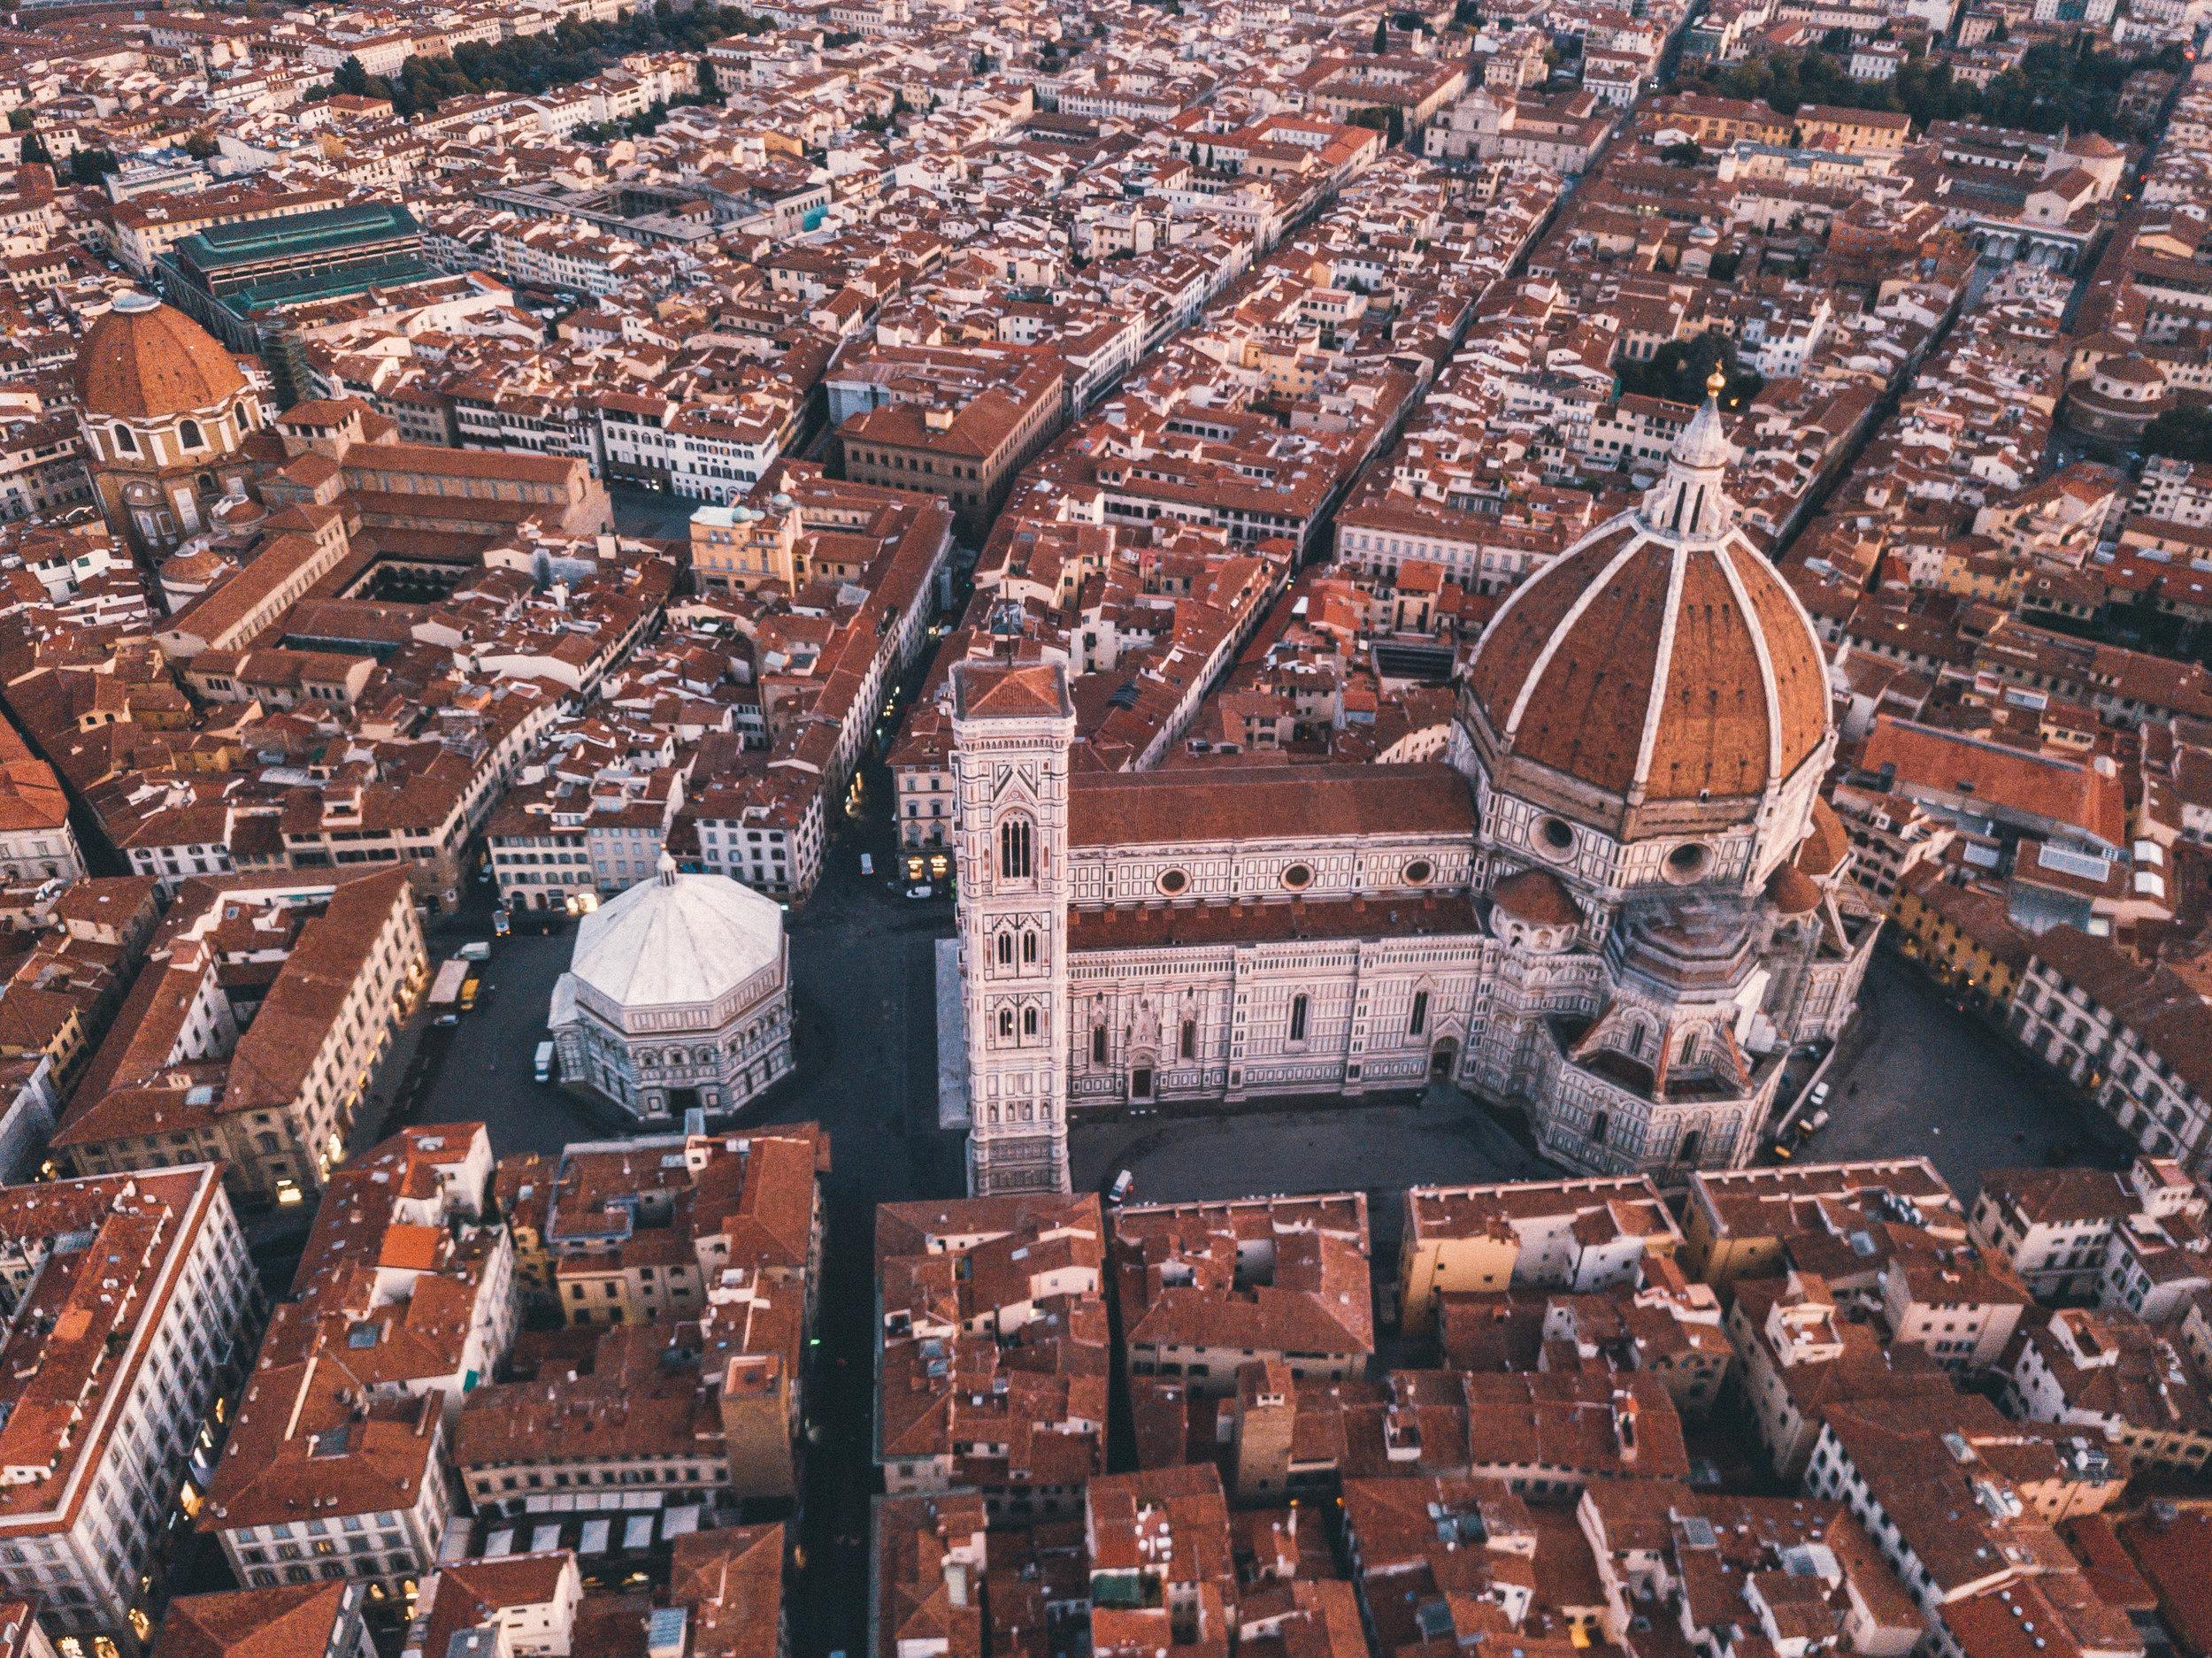 From above, Duomo, Basilica di Santa Maria del Fiore